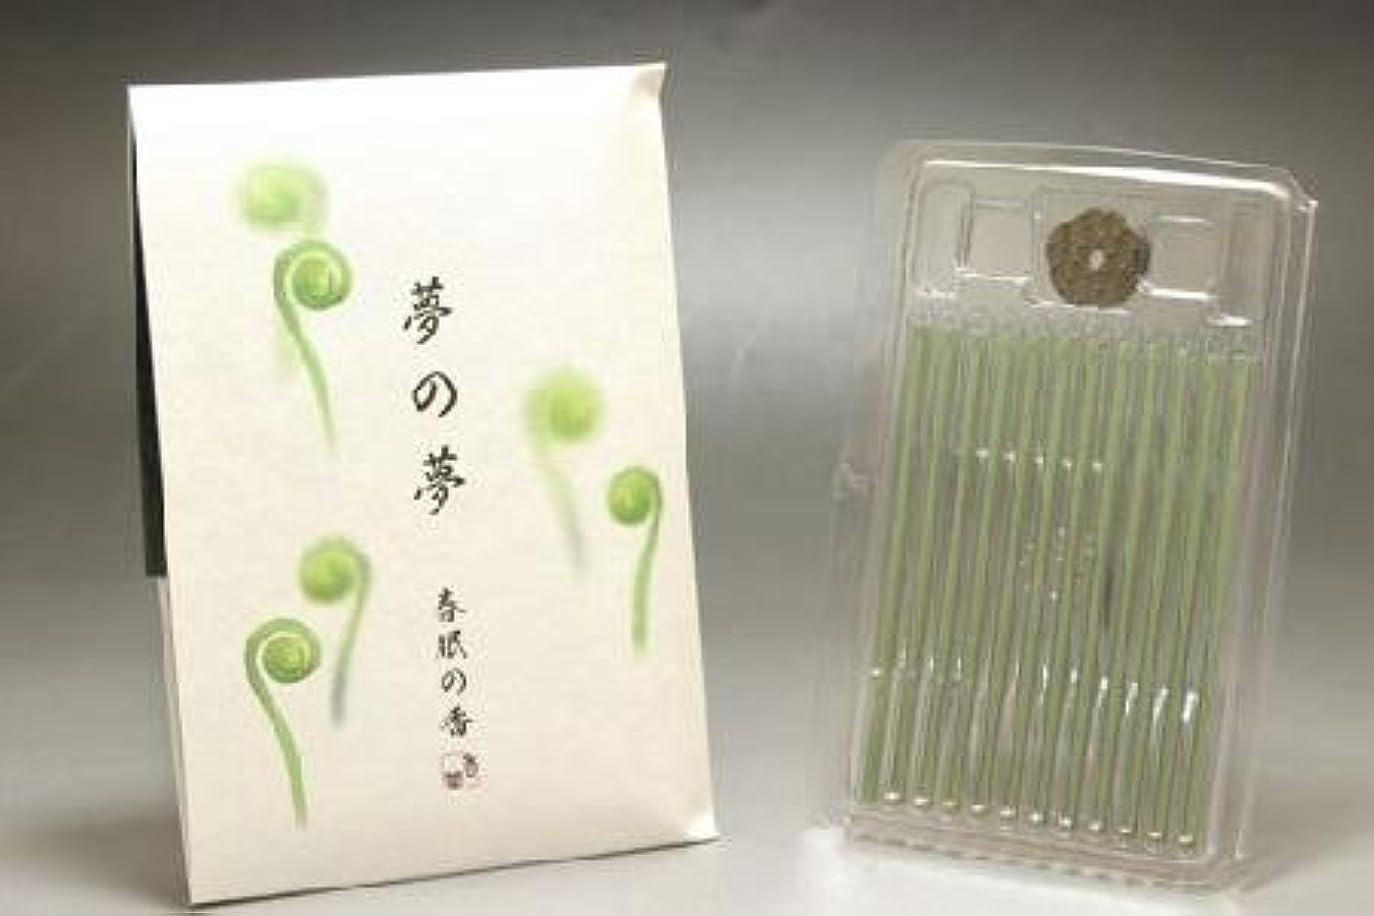 原因重量出来事日本香堂のお香 夢の夢 春眠の春(はるねむり)のお香 スティック型12本入